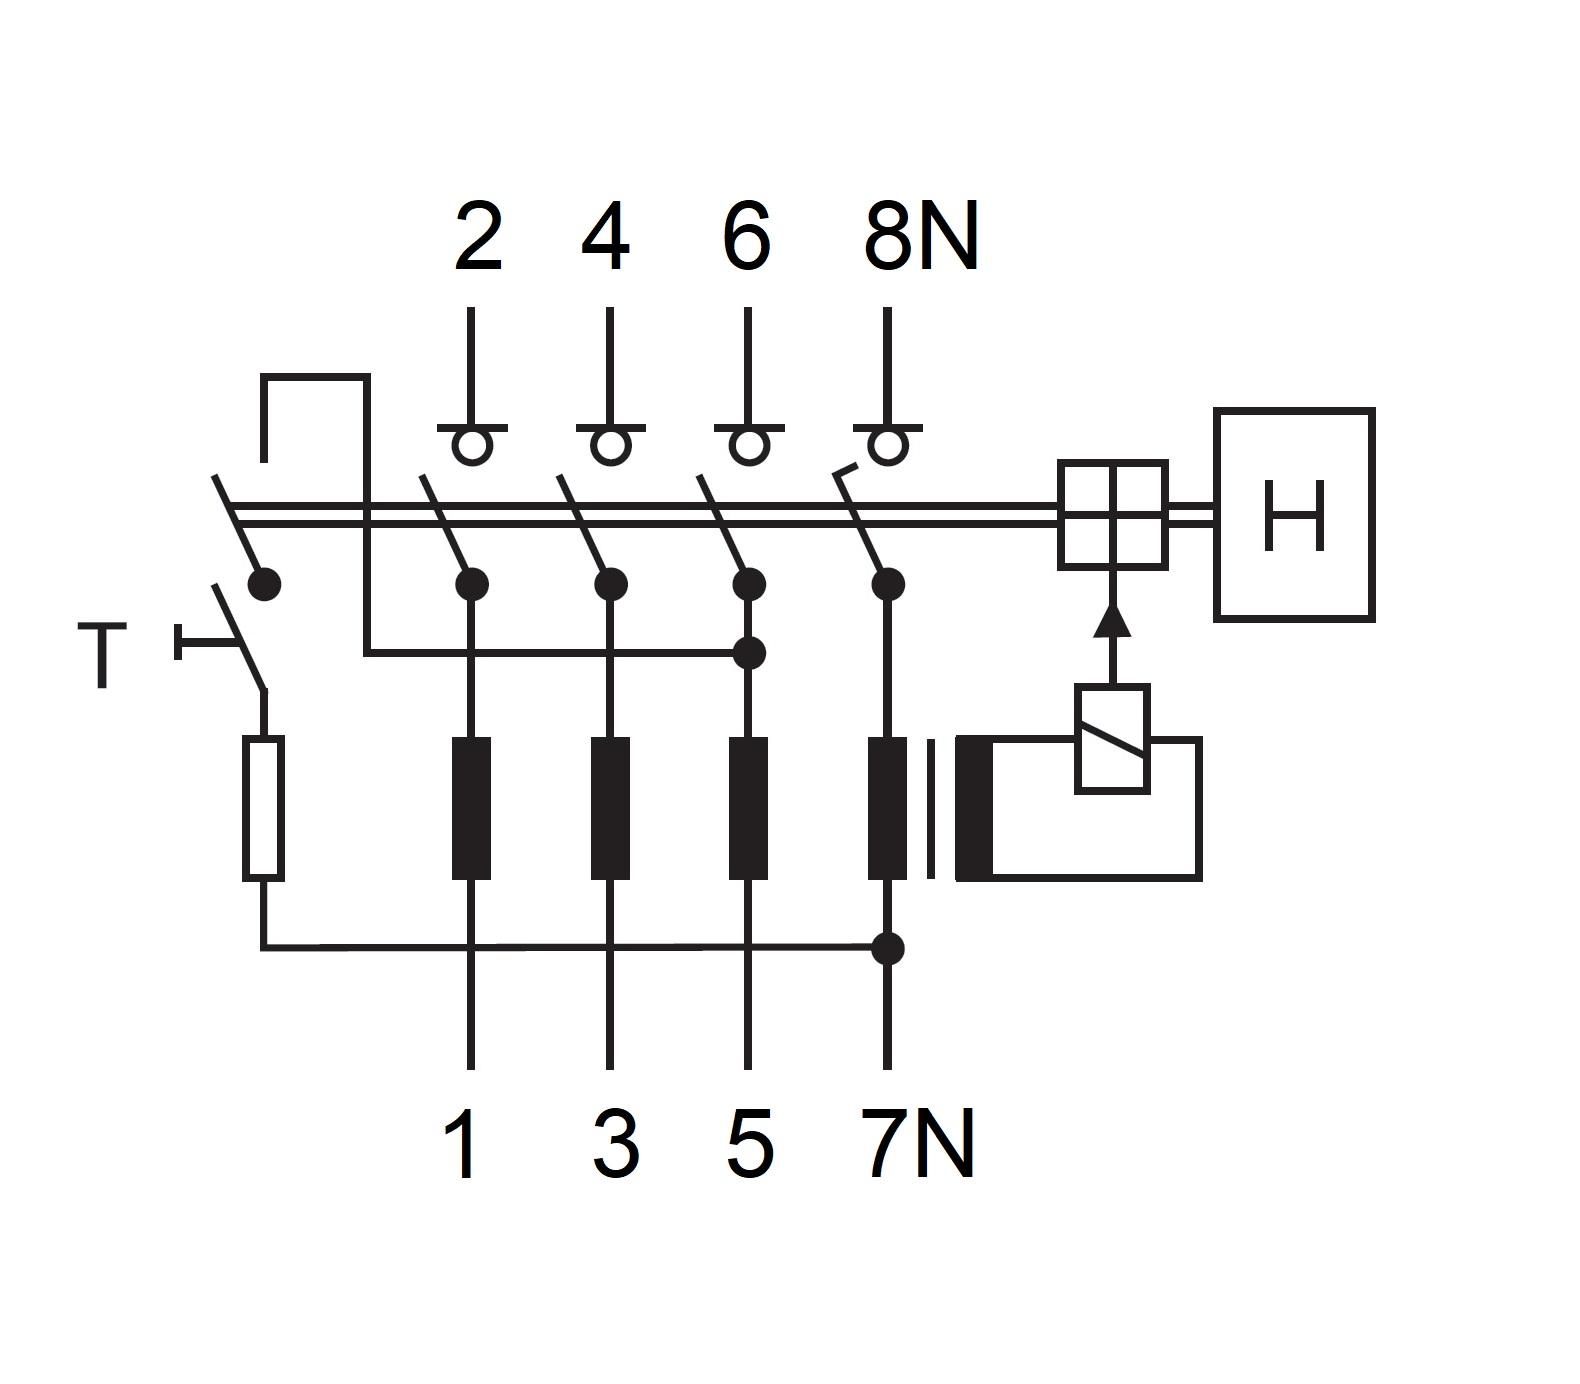 FI-Schalter, 40A, 4-polig, 100mA, vsf., Bauart S, Typ A - Online ...